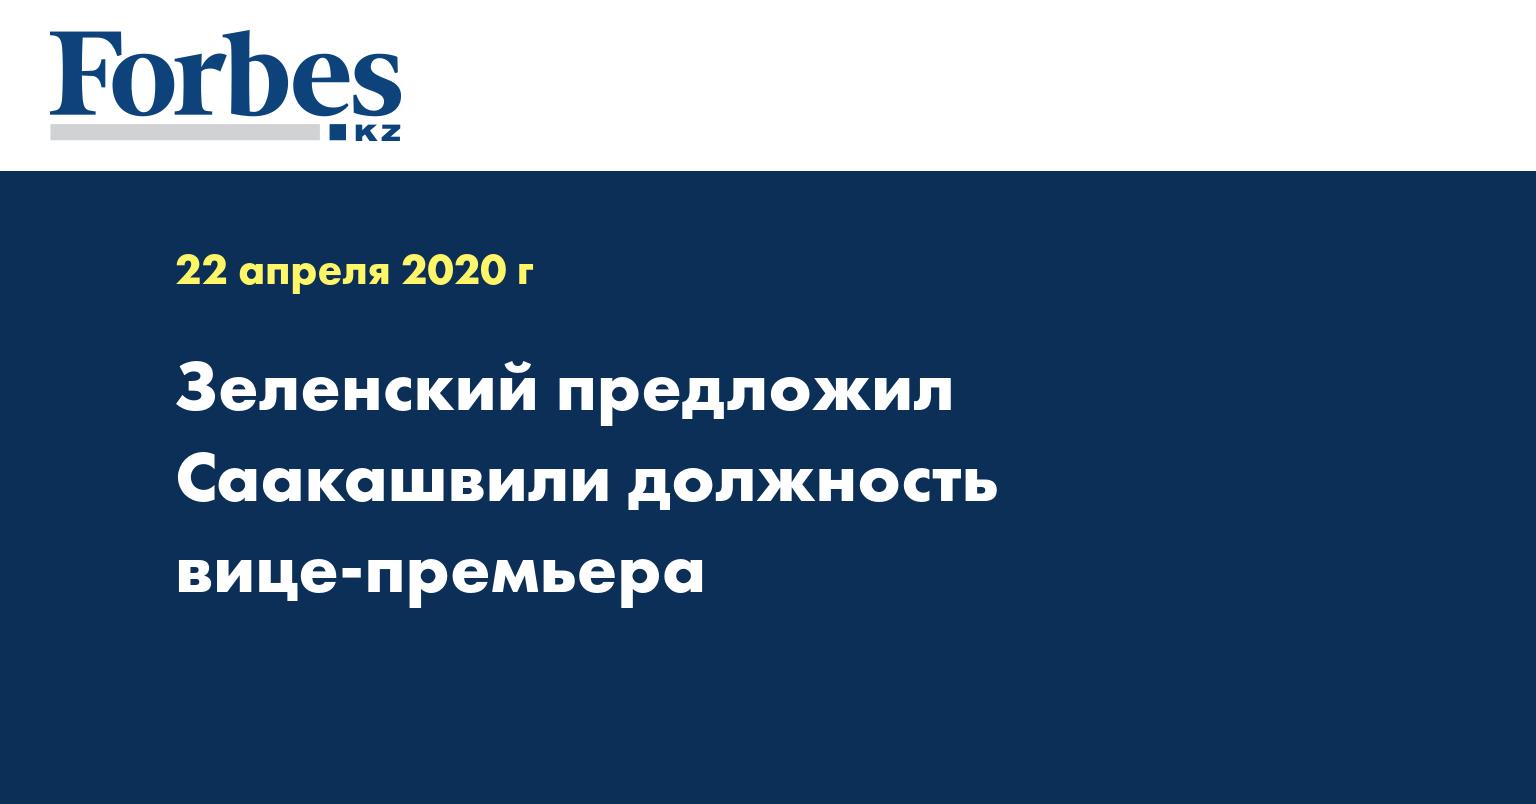 Зеленский предложил Саакашвили должность вице-премьера